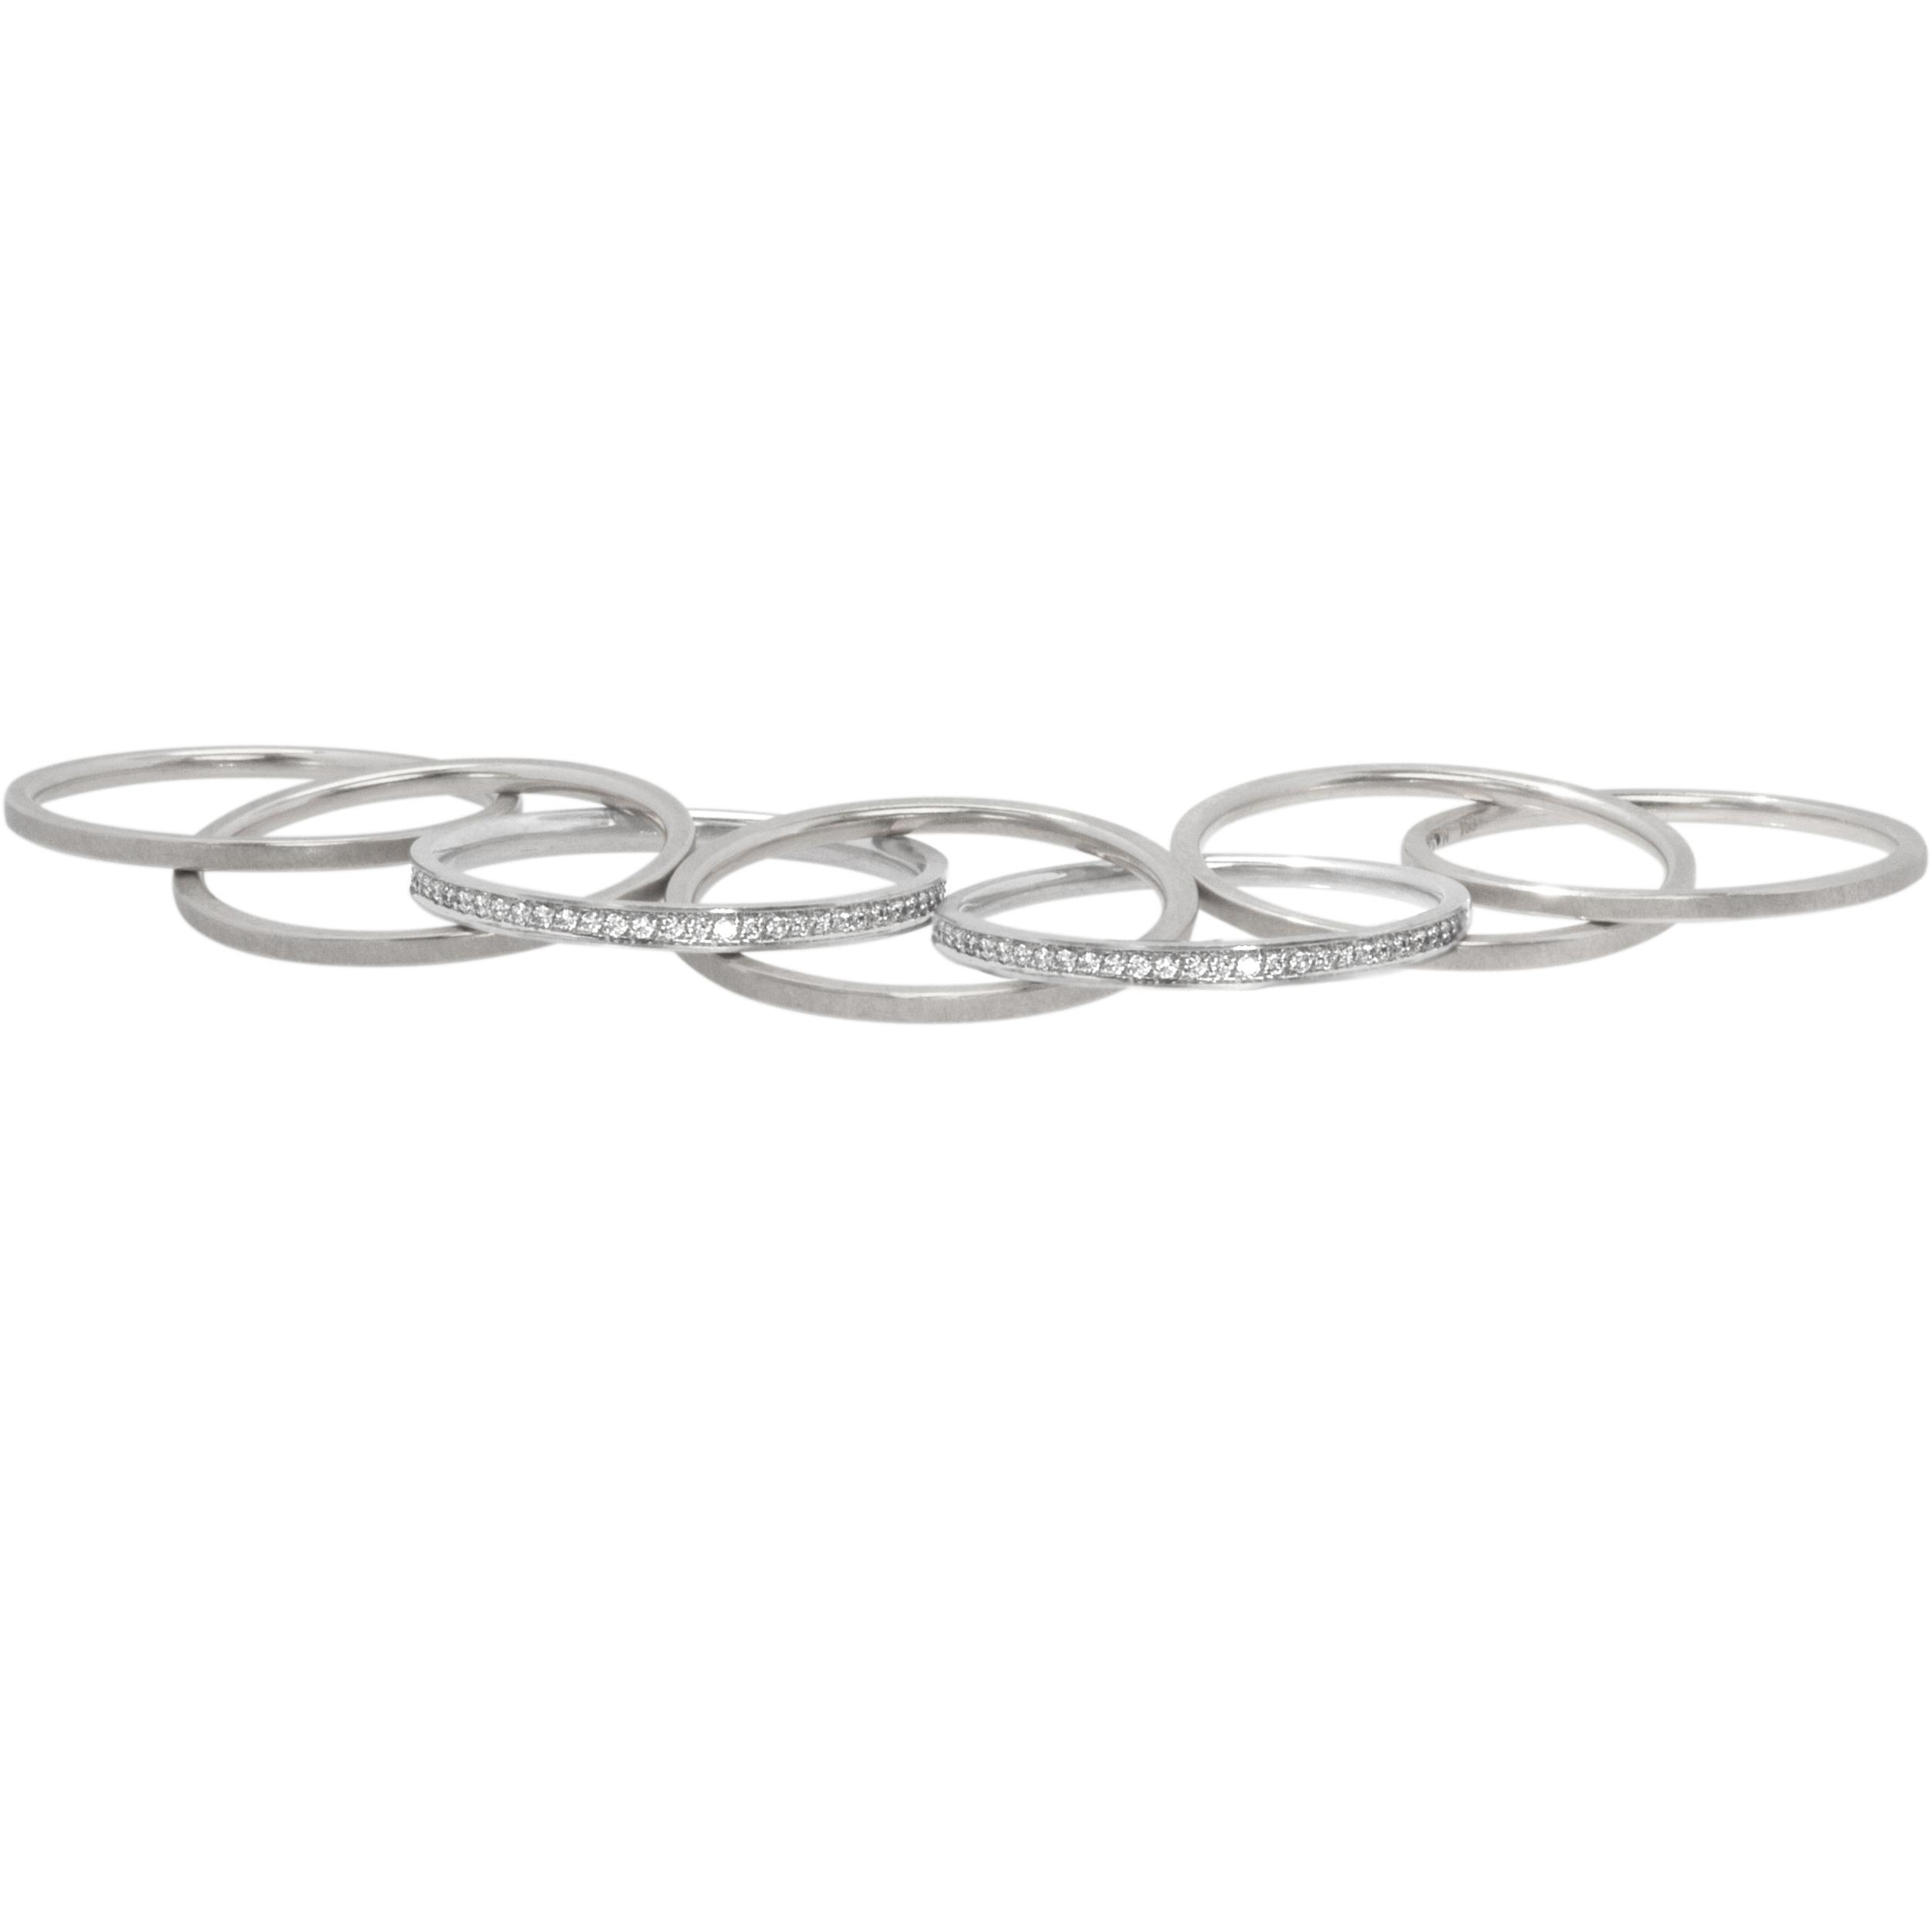 Bague chaine 5 anneaux platine et diamants